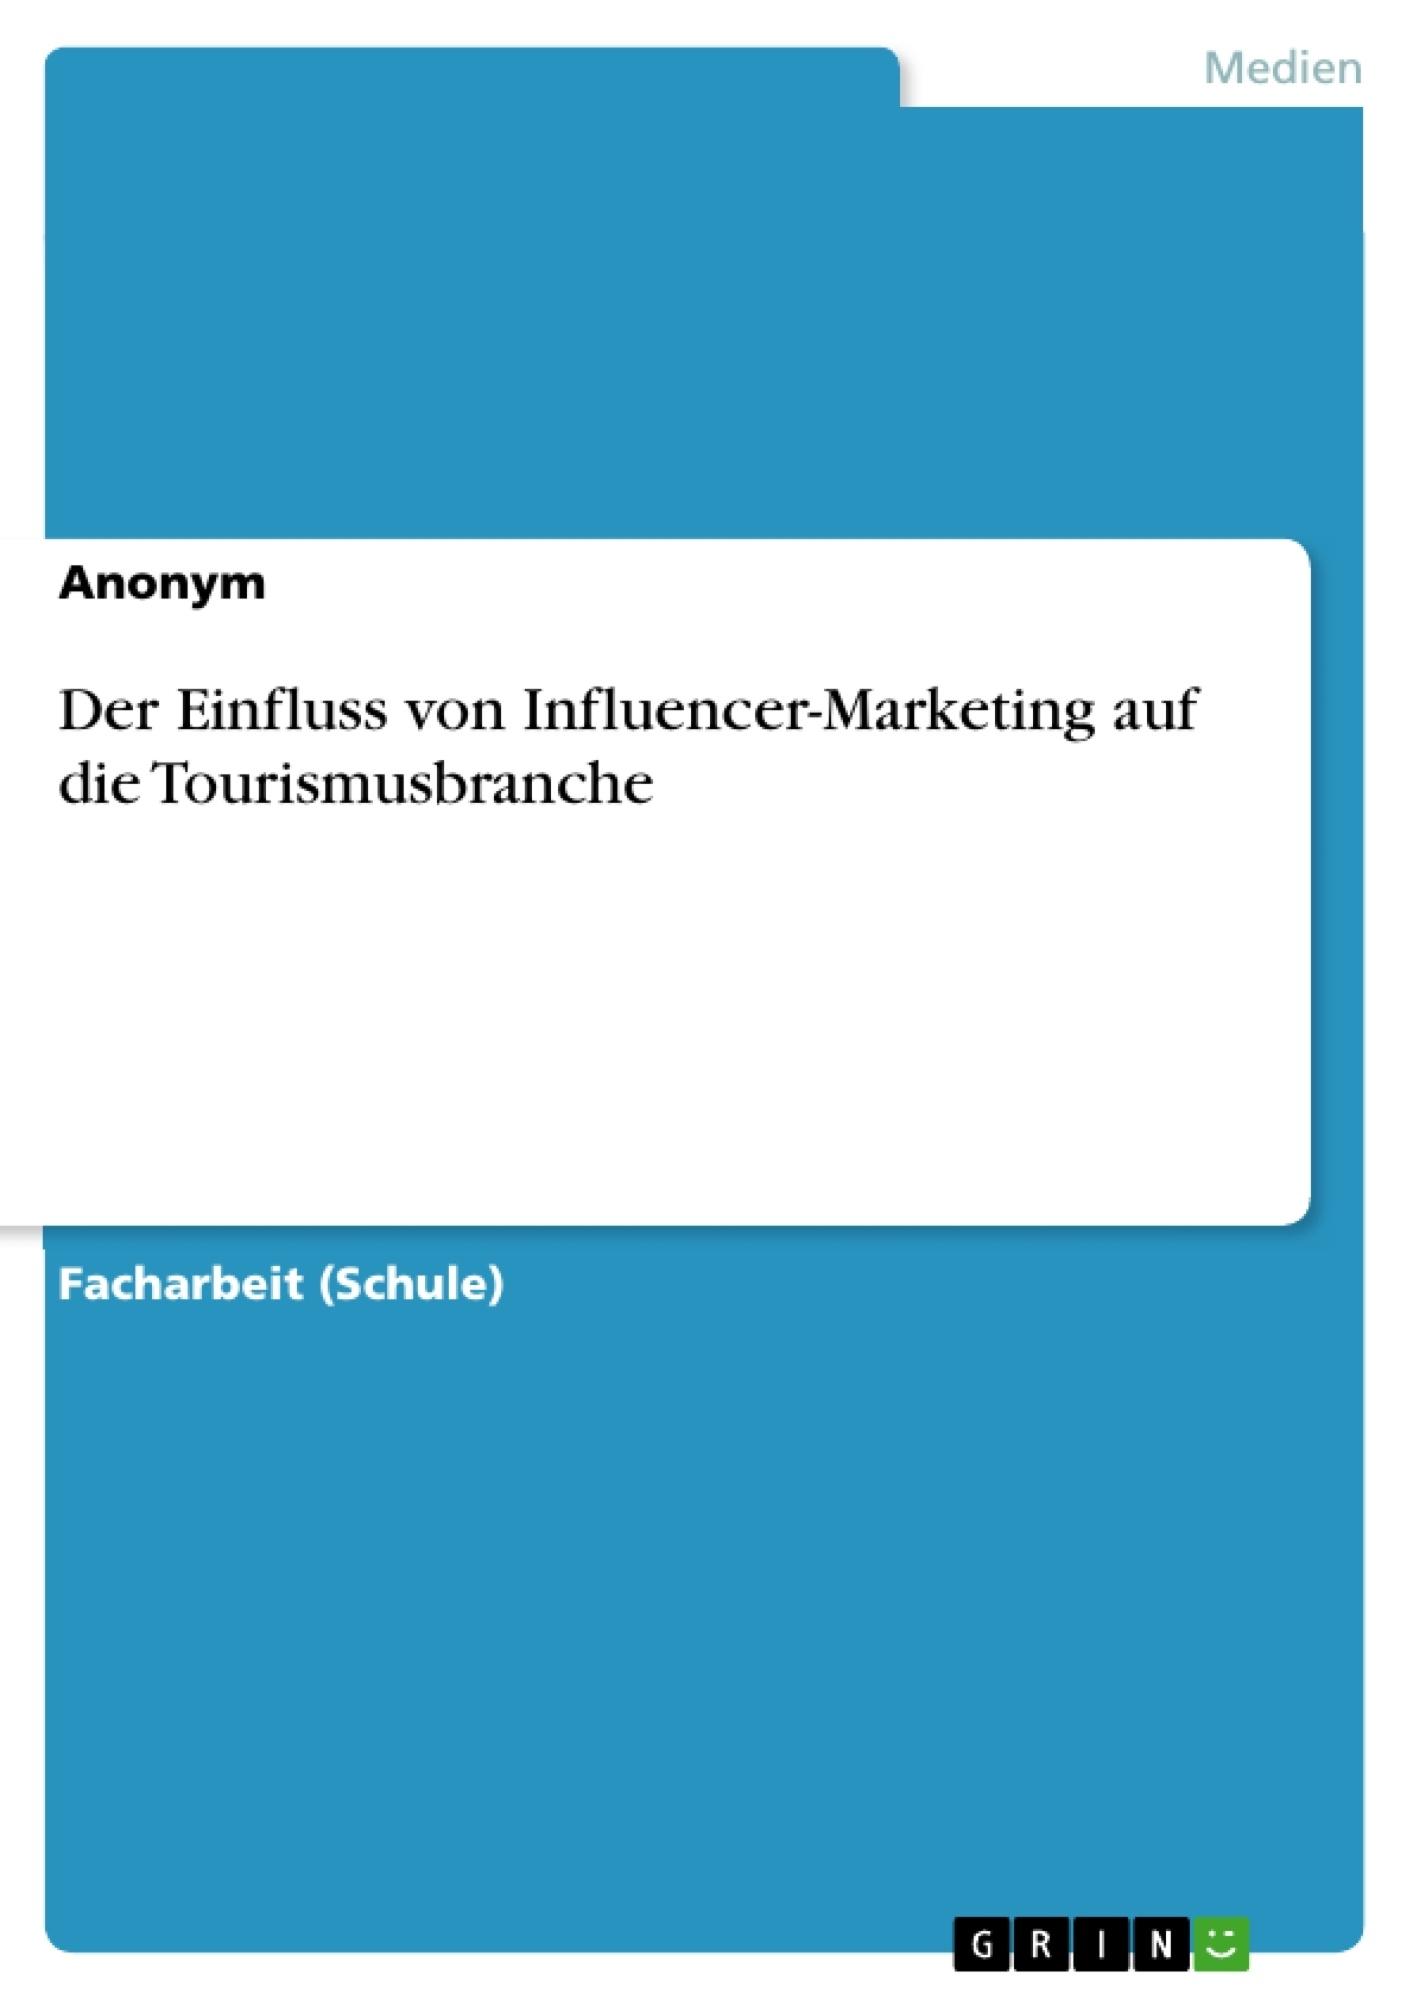 Titel: Der Einfluss von Influencer-Marketing auf die Tourismusbranche